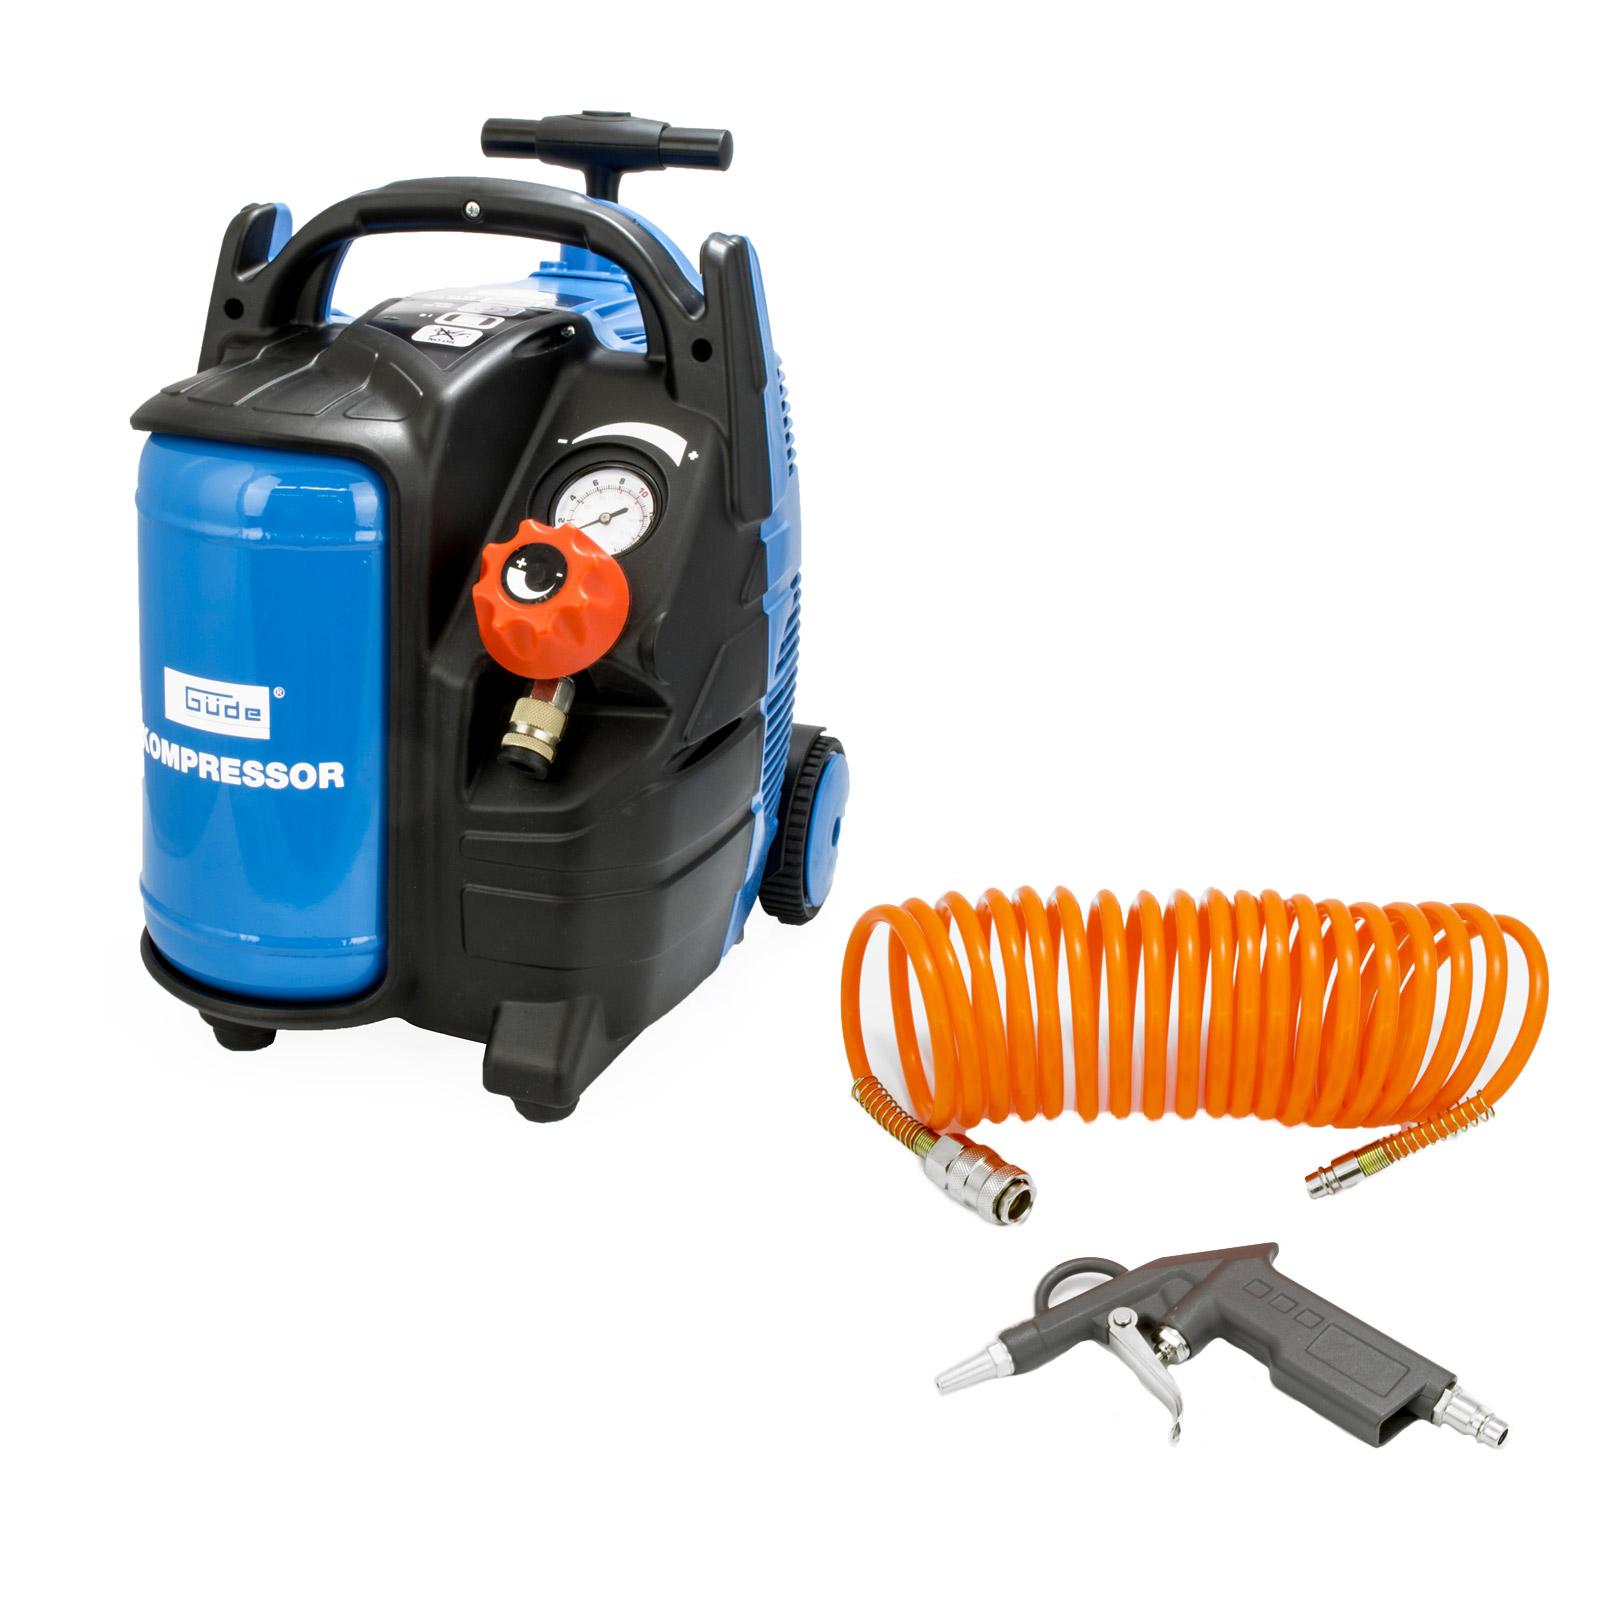 Kompressor Mit Zubehör : g de kompressor airpower 200 10 5 ty mit zubeh r ~ Watch28wear.com Haus und Dekorationen